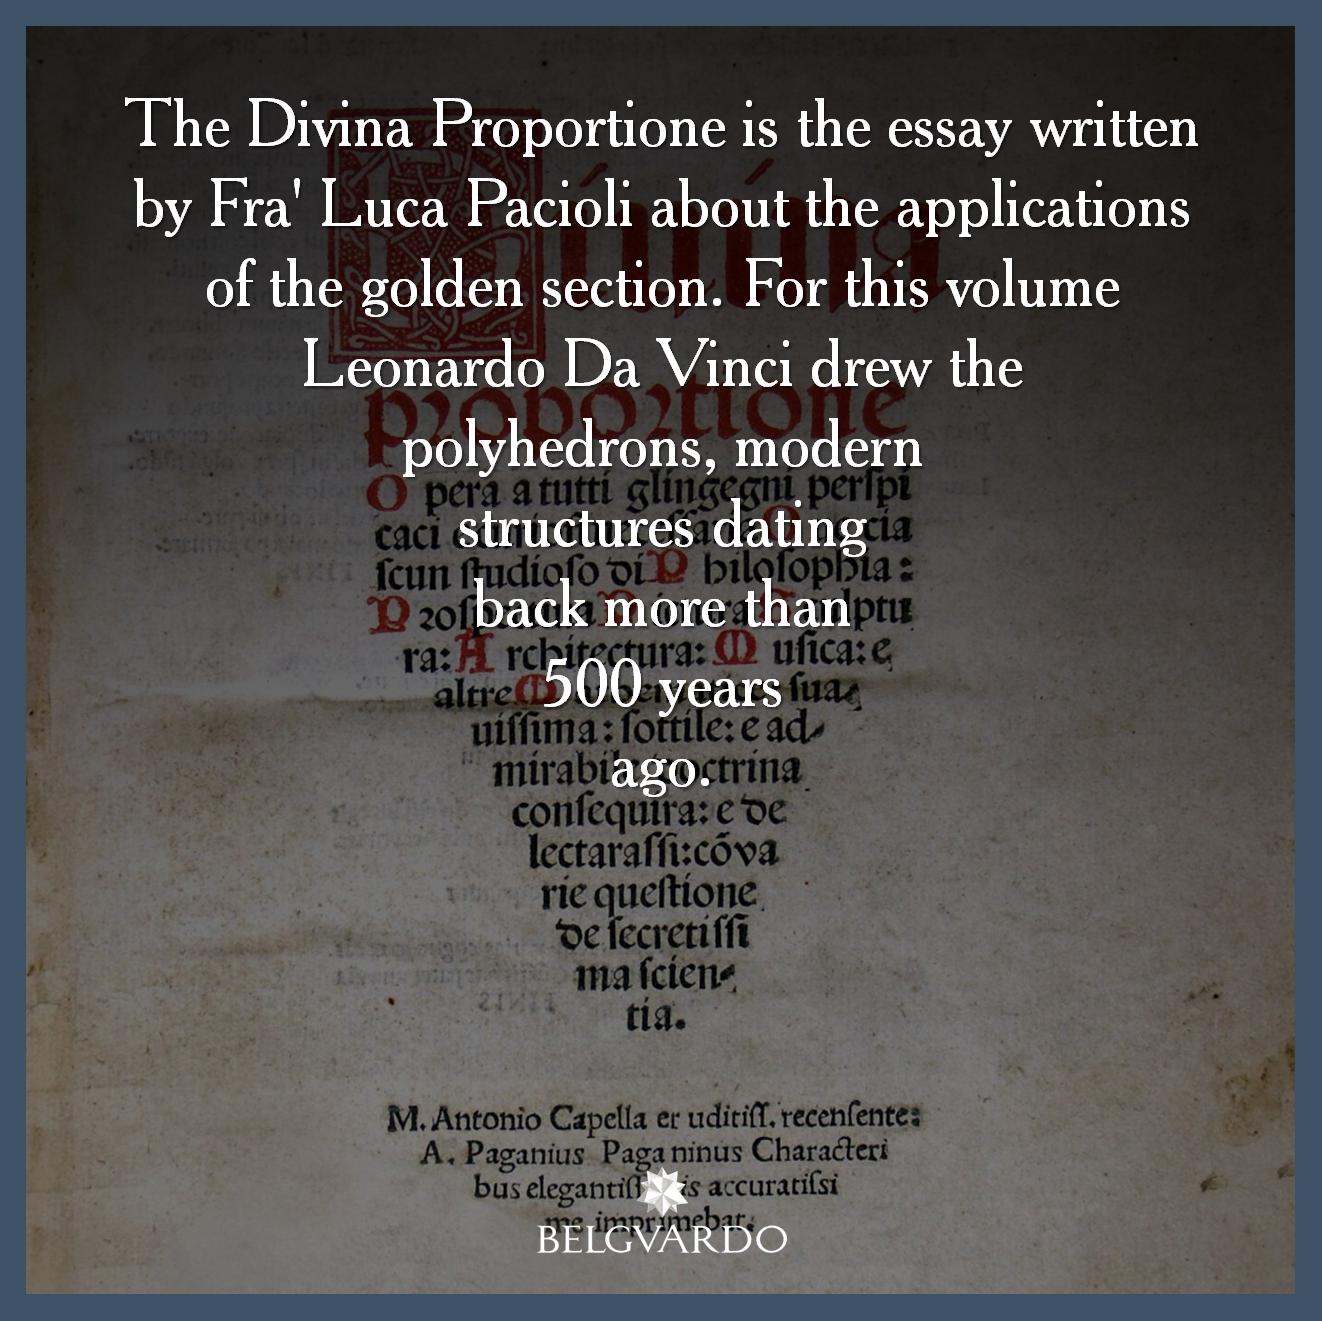 Il Divina Proportione è Il Trattato Di Fra Luca Pacioli Sulle Applicazioni Della Sezione Aurea Per Questo Volume Leon Leonardo Da Vinci Sezione Aurea Disegni